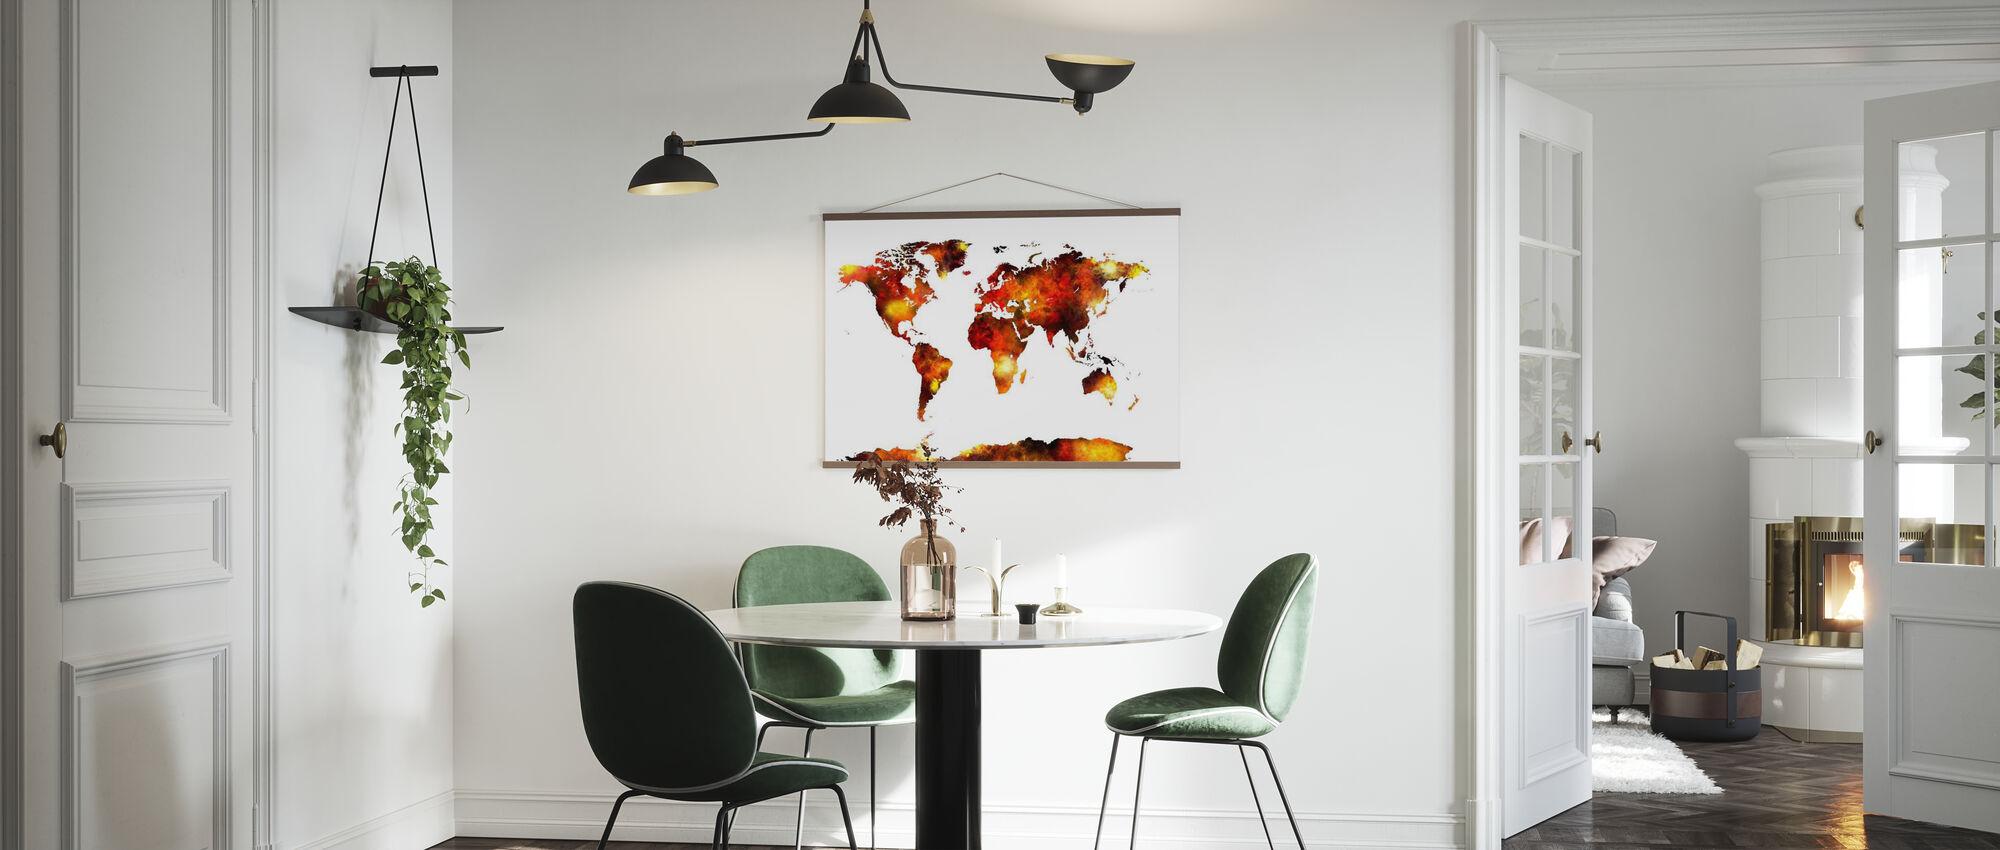 Akvarell världskarta Orange - Poster - Kök